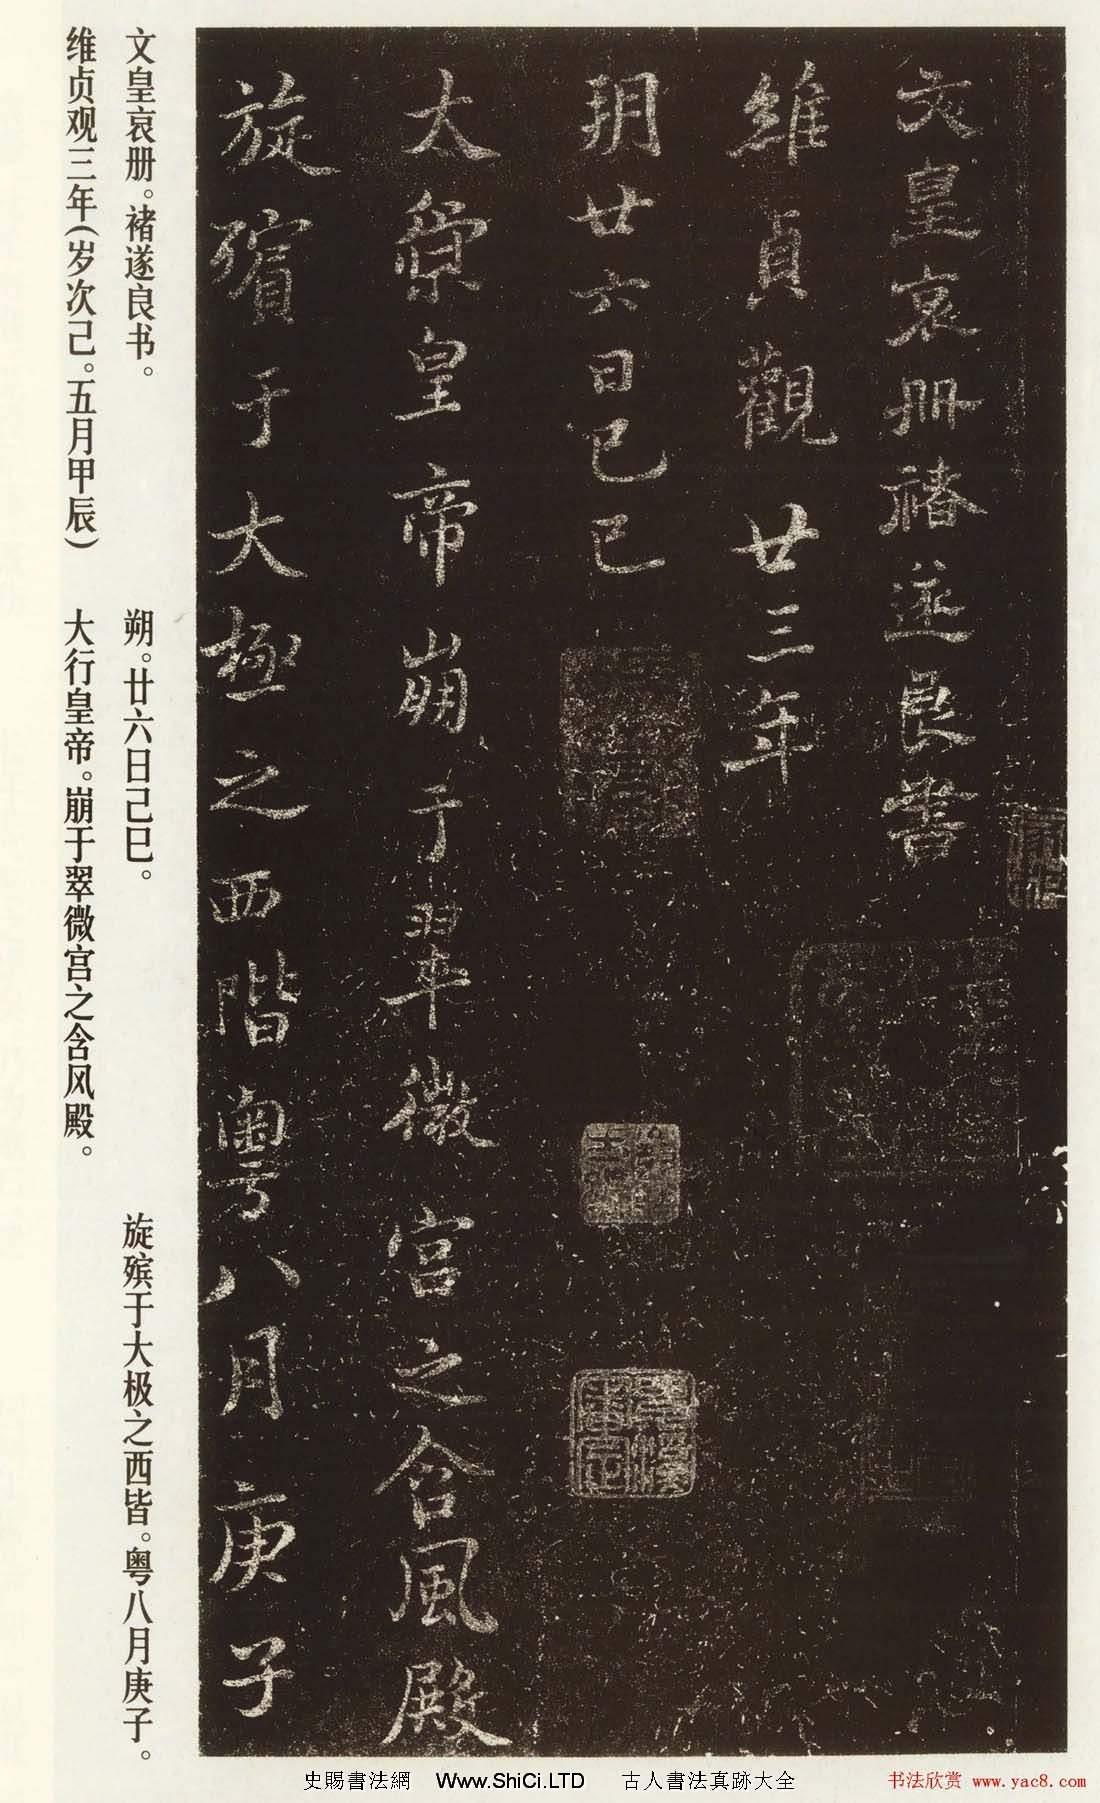 褚遂良書法作品真跡欣賞《文皇哀冊》(共9張圖片)